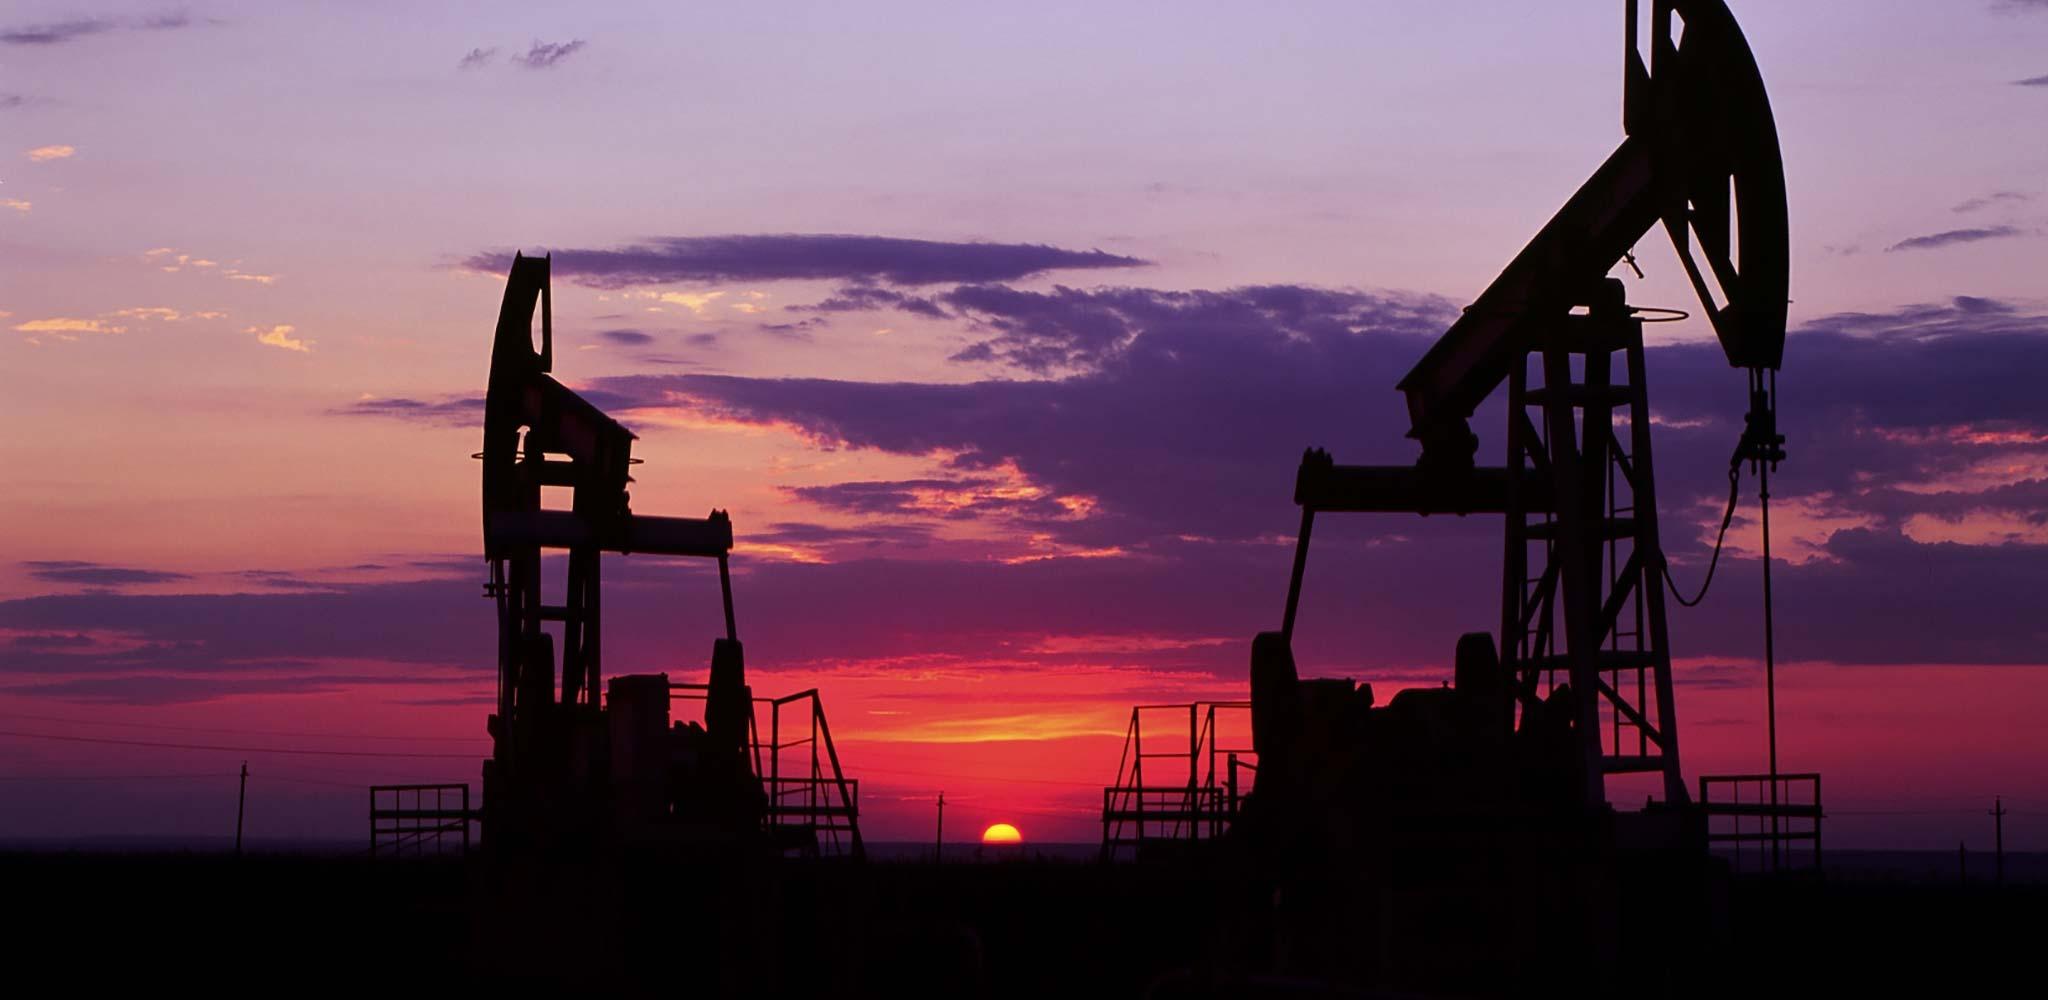 Ham petrol fiyatları düşüşü ve Libya'nın Rusya'ya tepkisi